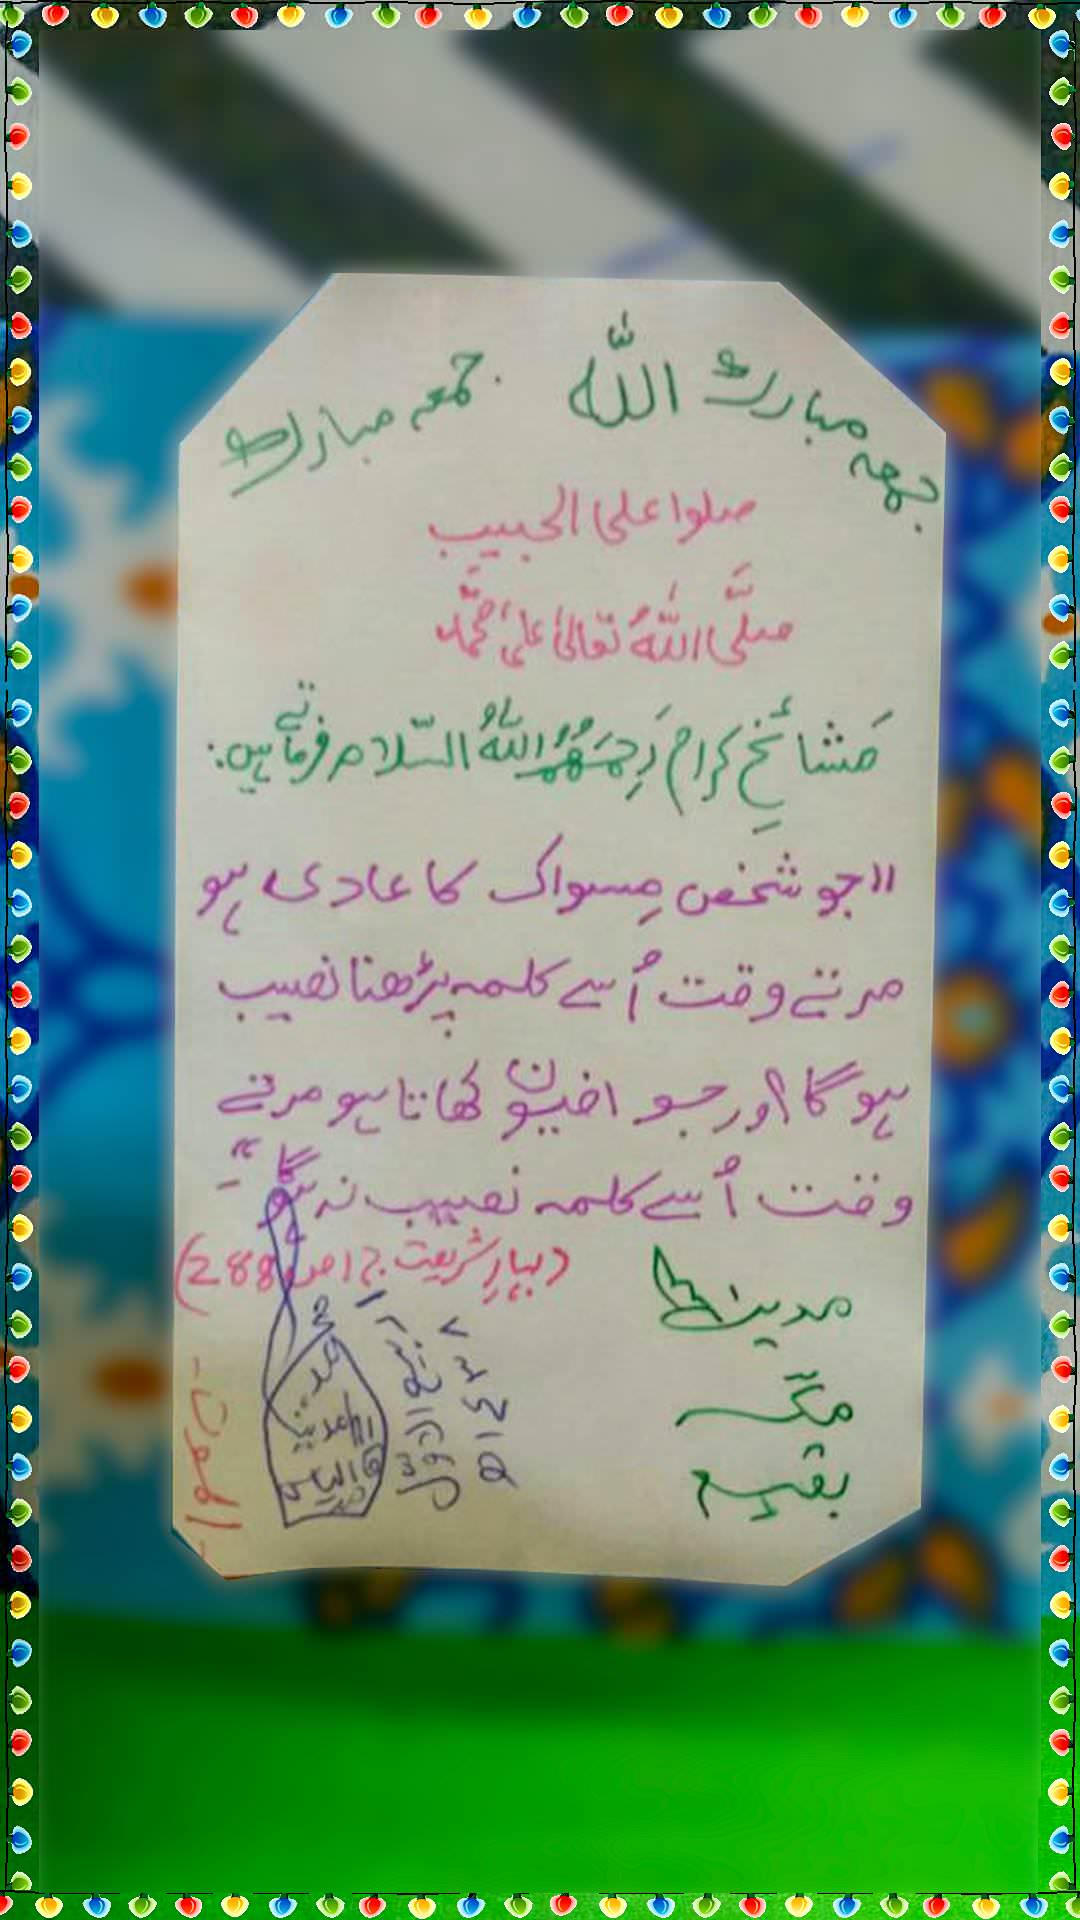 Miswak ki Barakat say Iman ki Hifazat